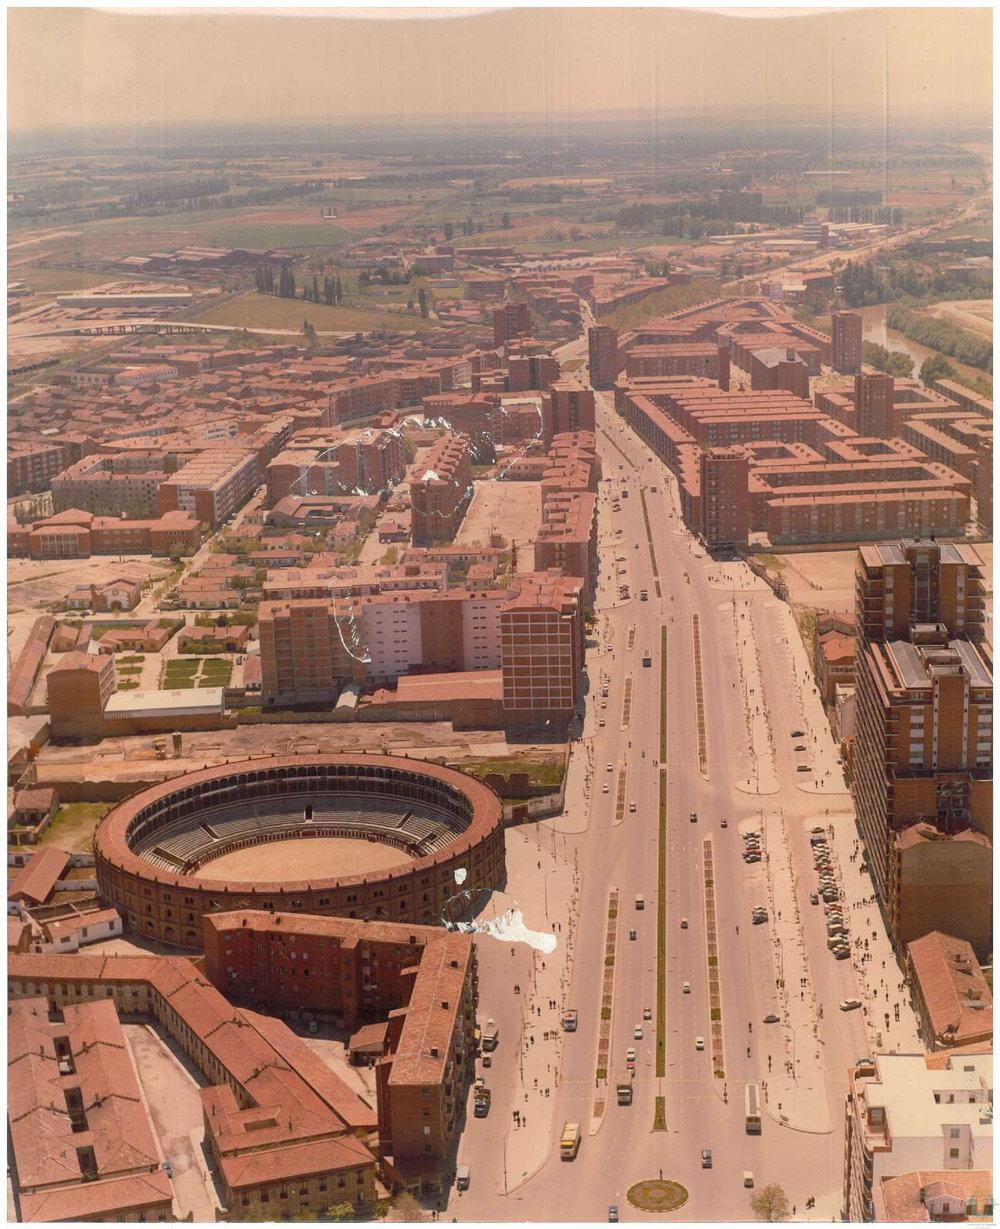 Vista de la Zona sur de Valladolid, años 70, Fondo AMVA, AM 8-54